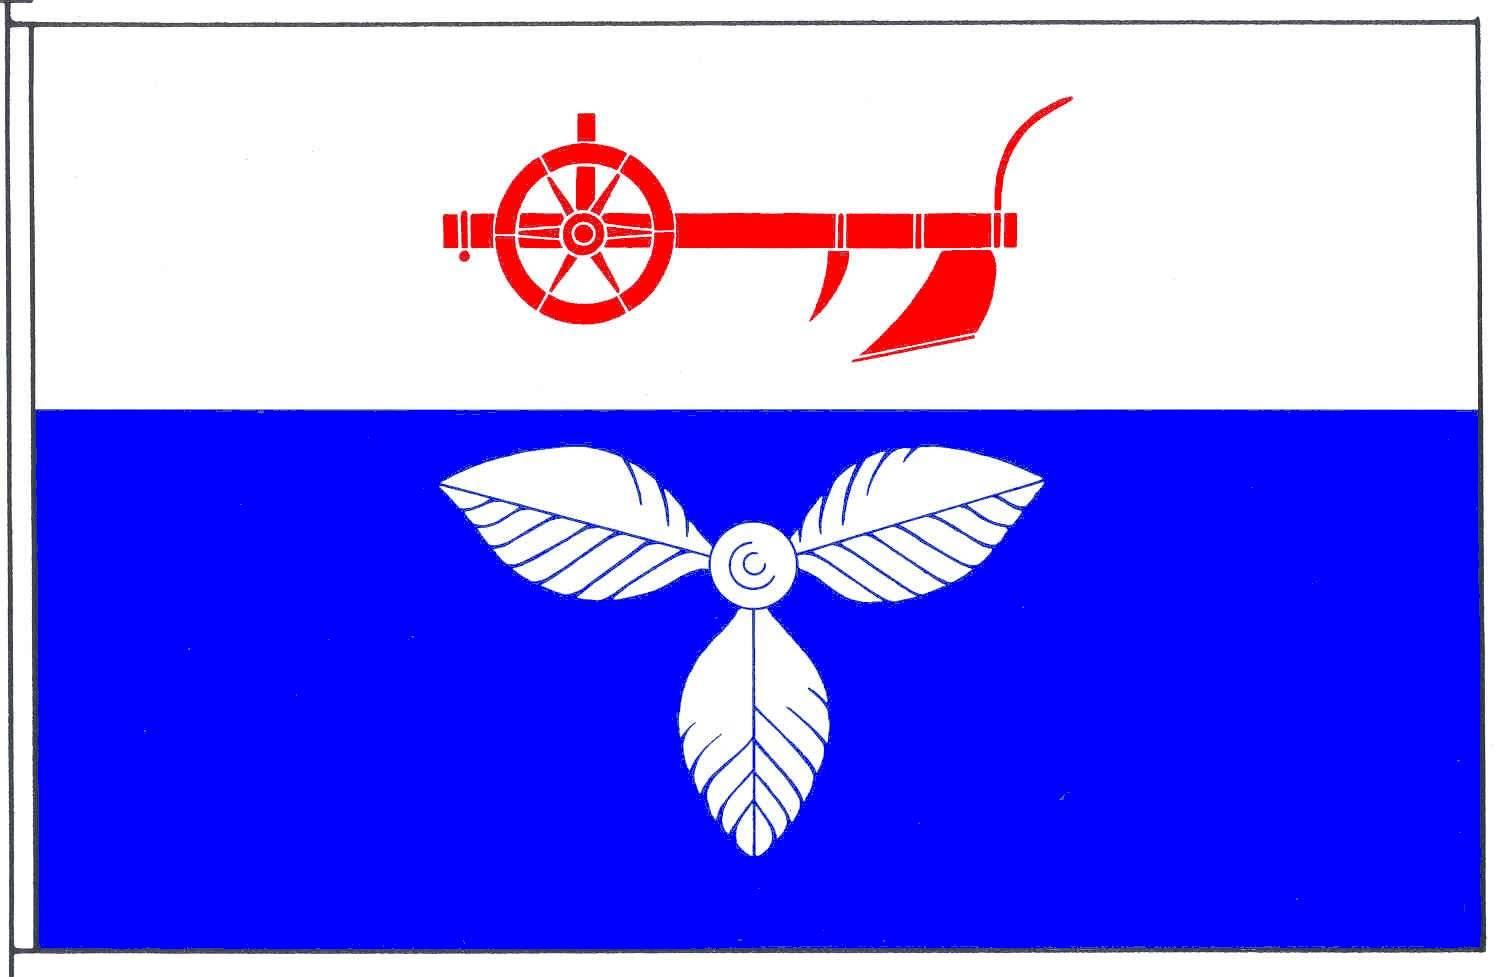 Flagge GemeindeFelde, Kreis Rendsburg-Eckernförde